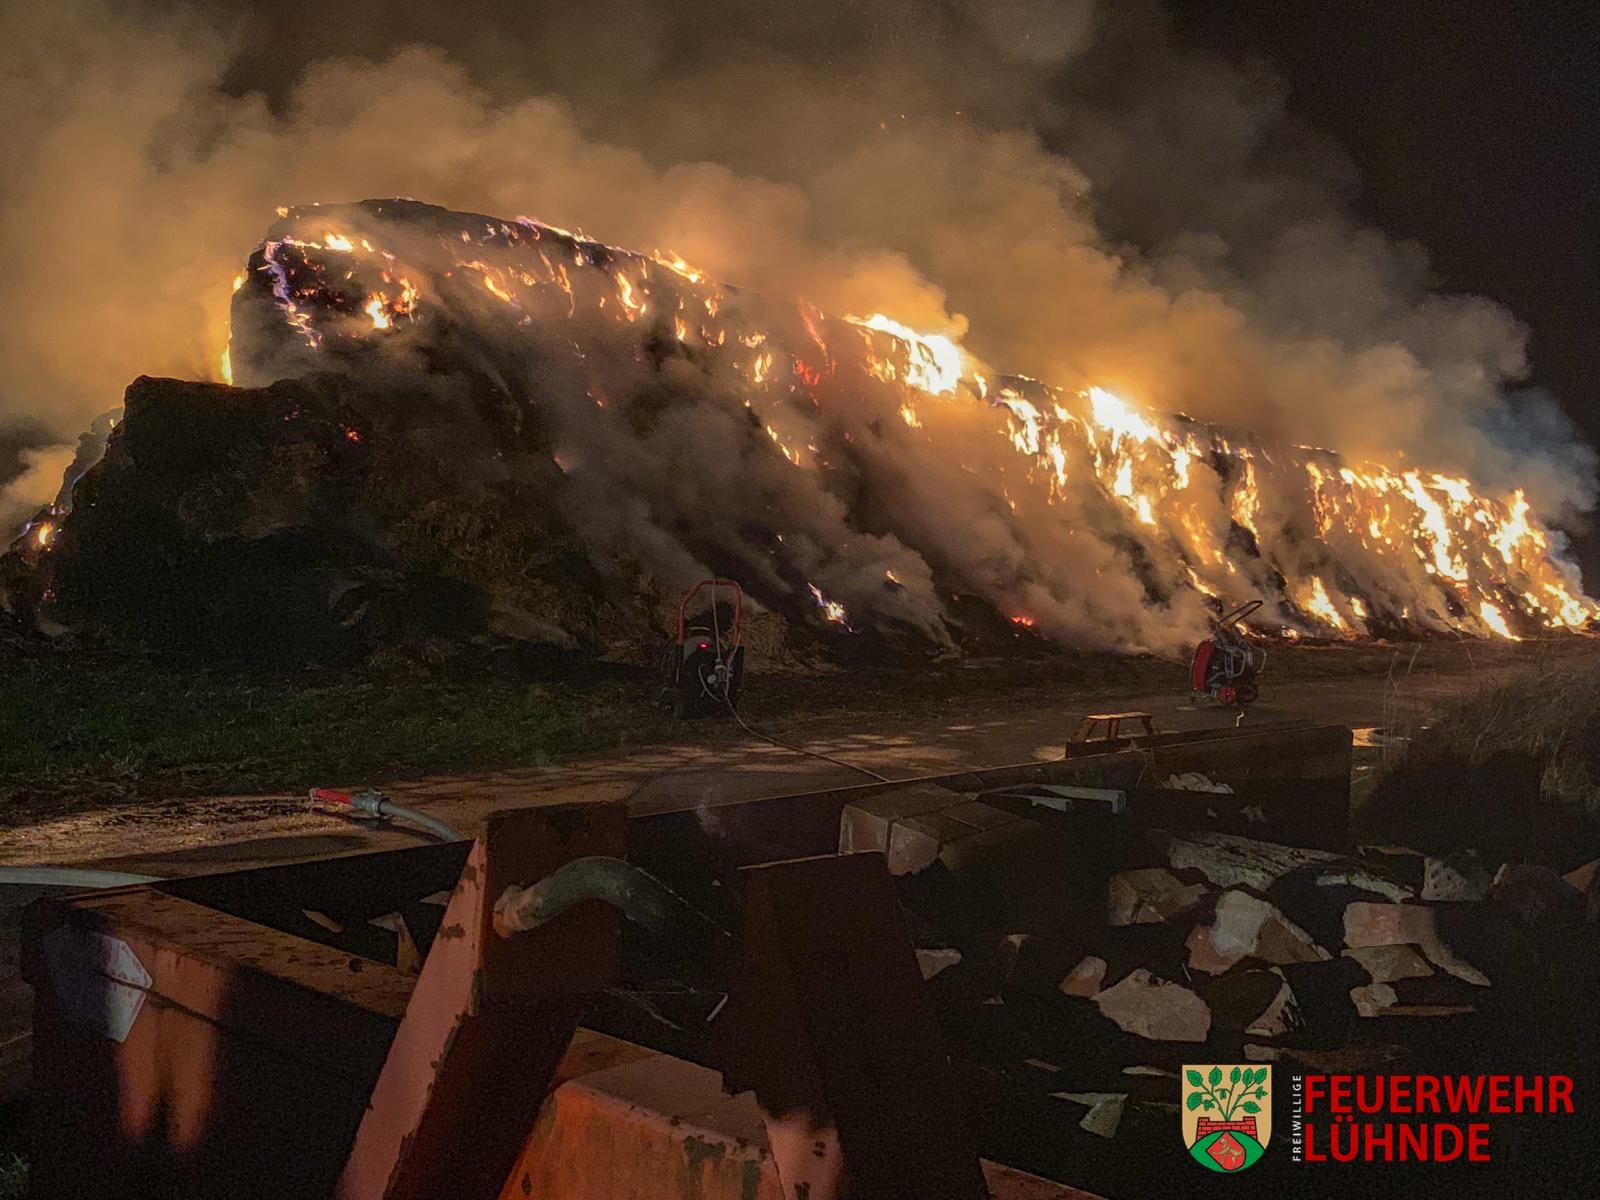 Brandeinsatz (09-2018)